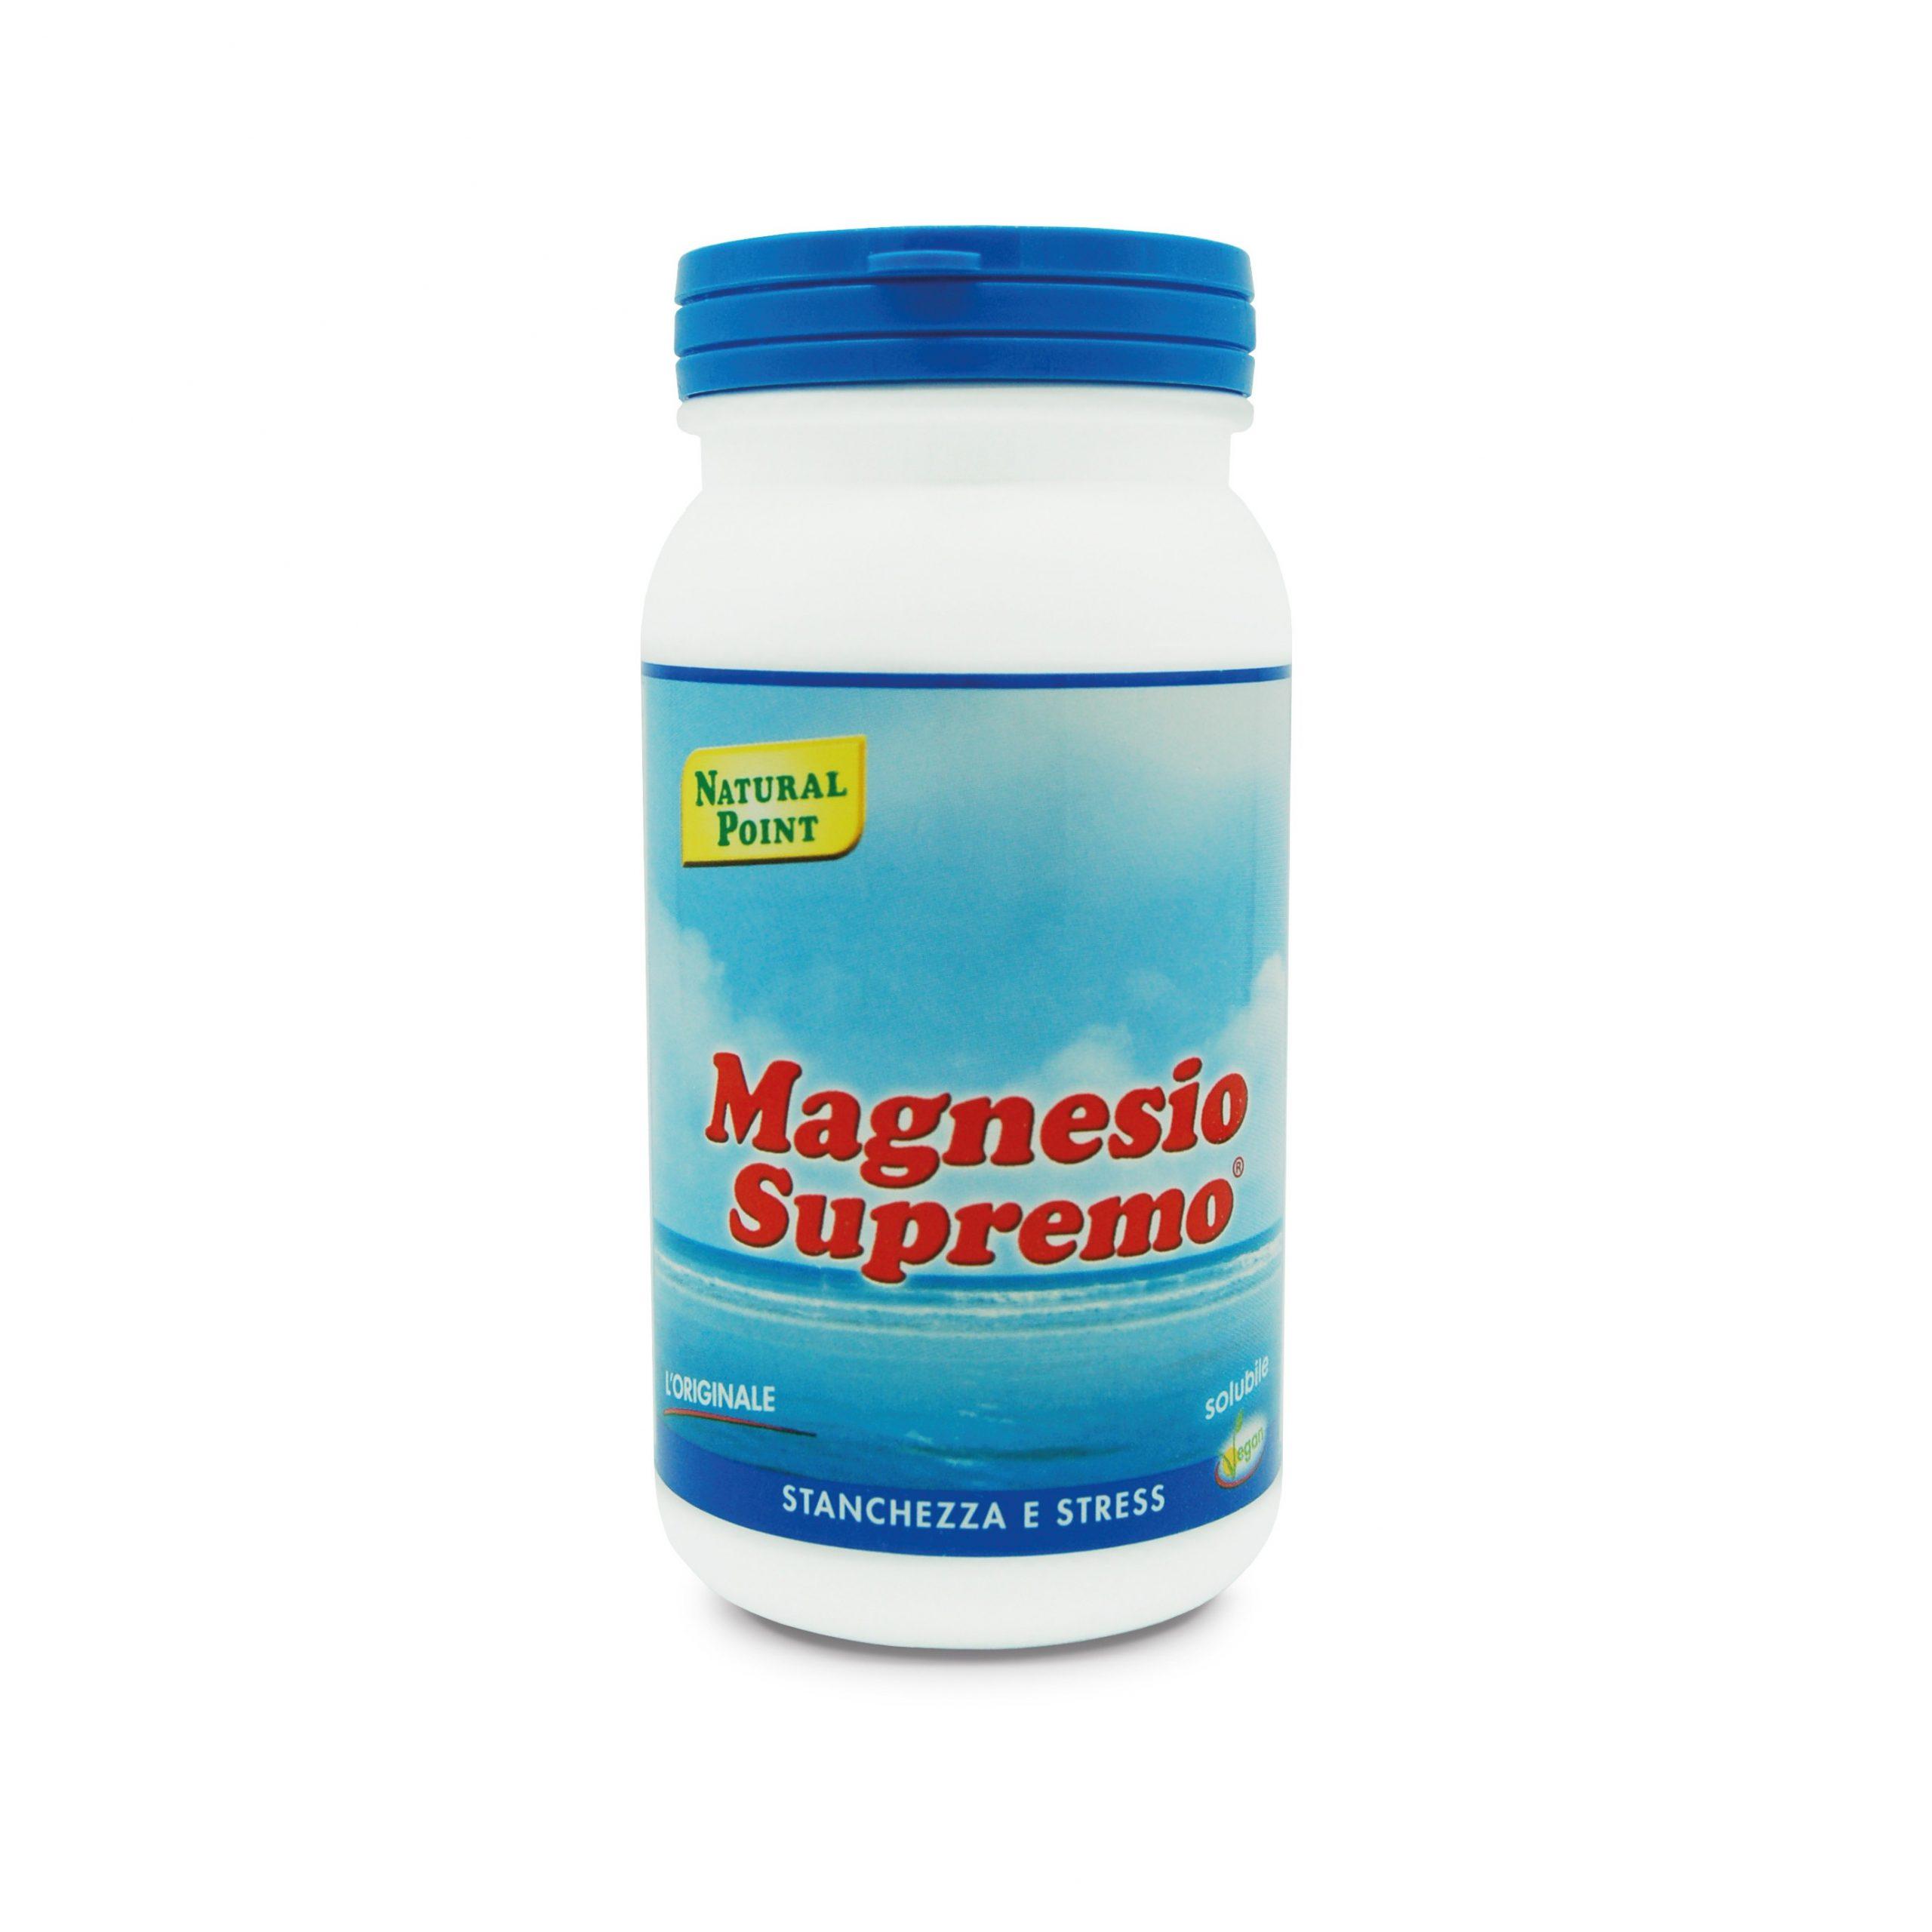 Magnesio Supremo Natural Point 150 grammi